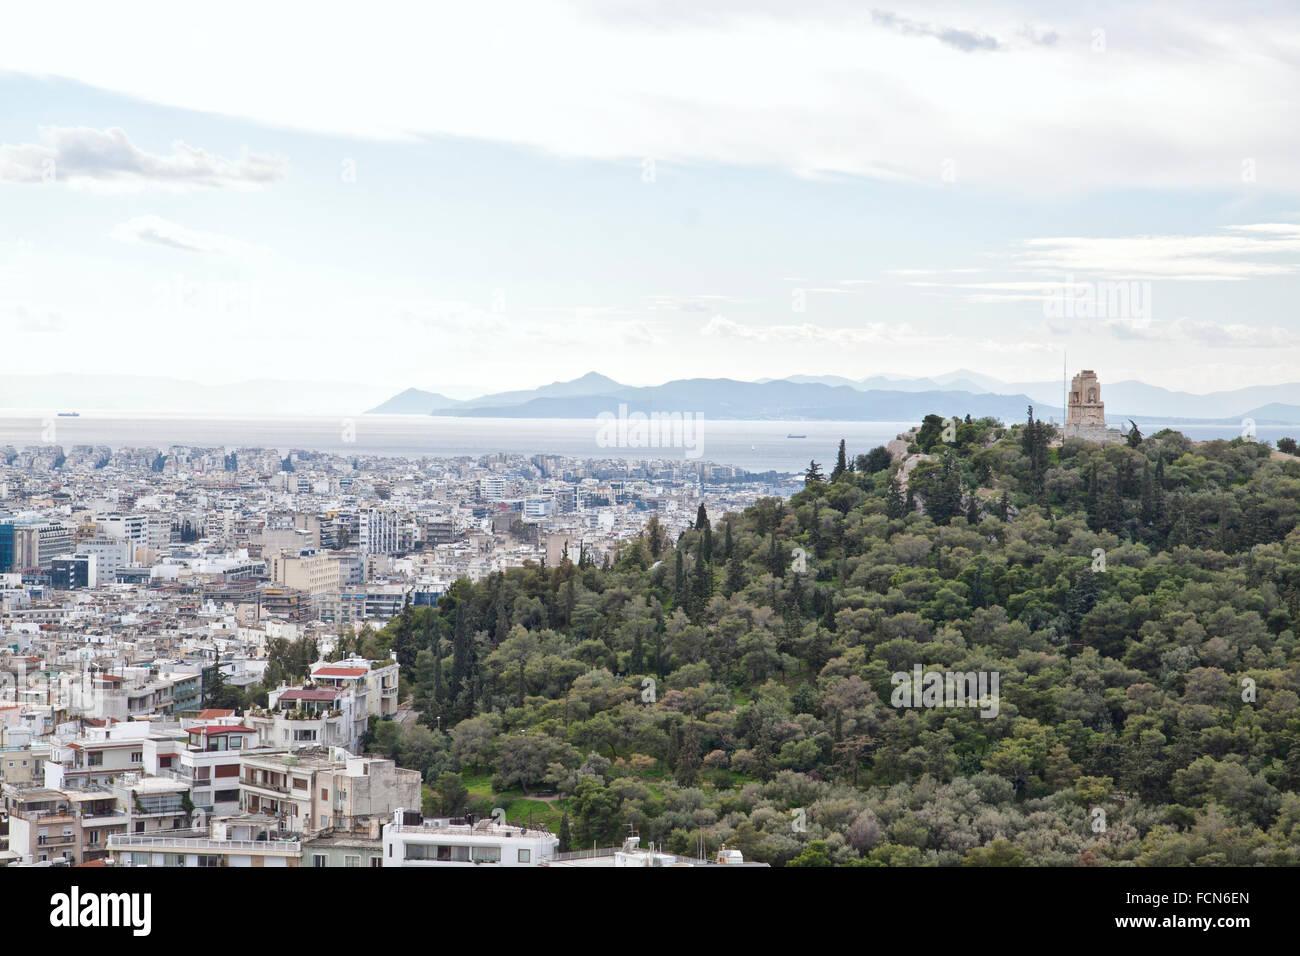 Le Pirée est une ville portuaire de la région de l'attique, Grèce. Banque D'Images